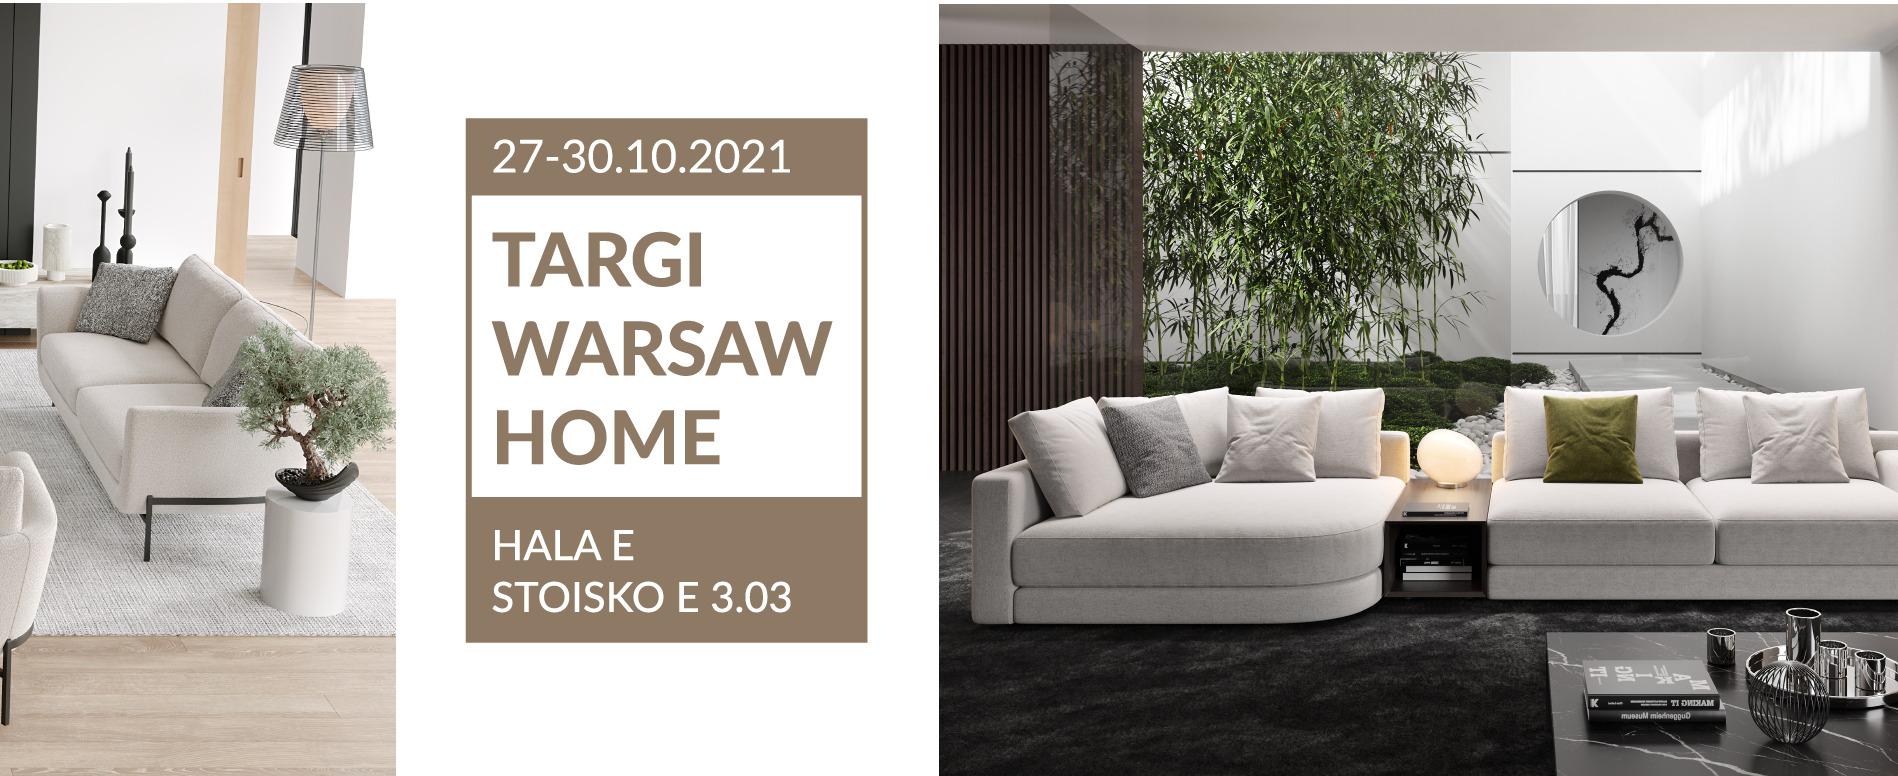 Odwiedź nas na Warsaw Home – 27-30.10.2021